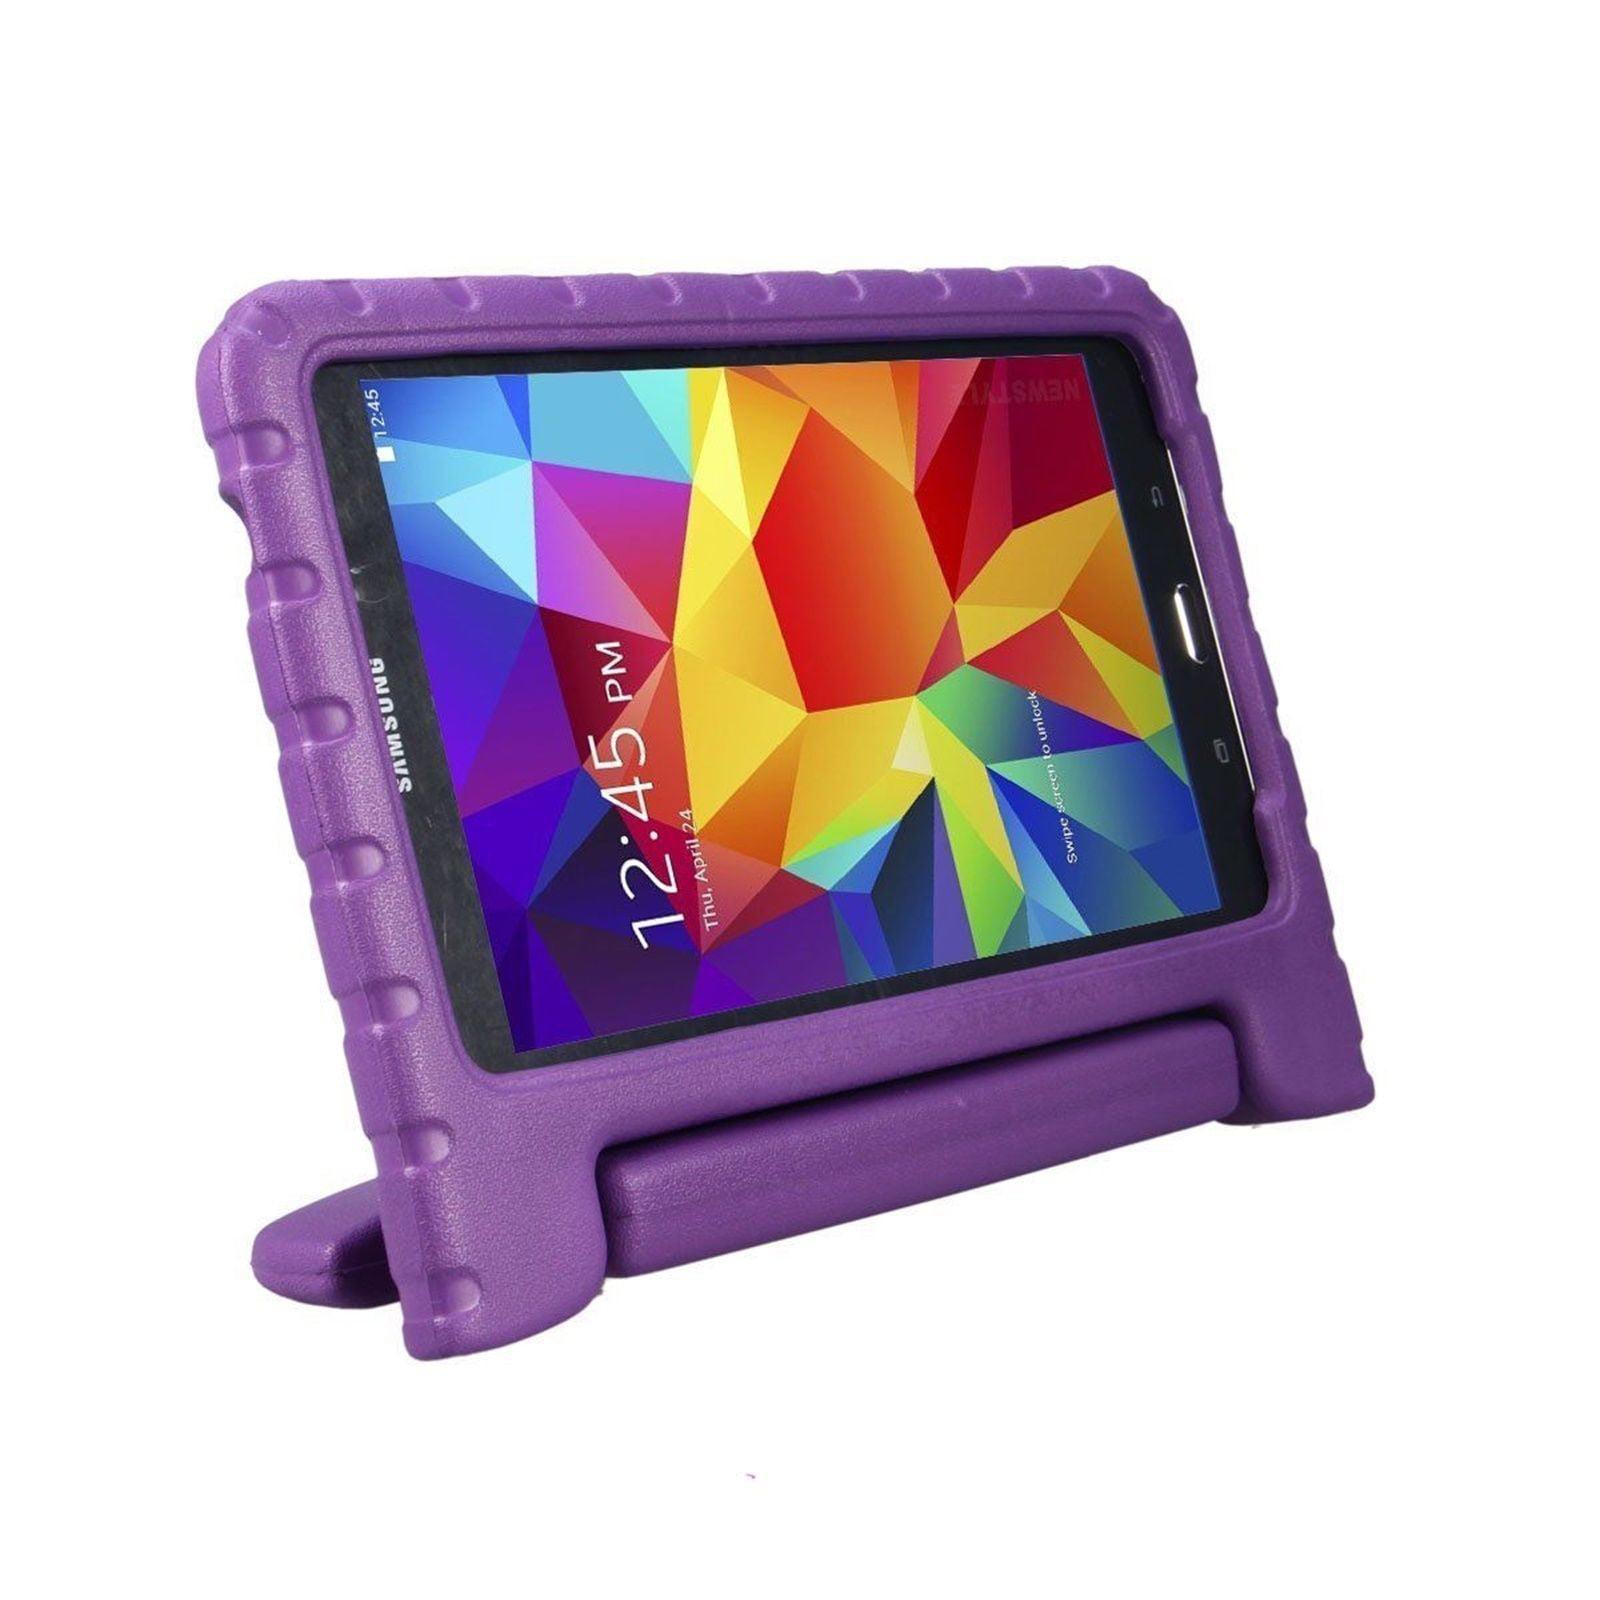 Galaxy Tab A 7.0 T280 Kids Case by KIQ Child-Friendly Fun Kiddie Tablet Cover EVA Foam For Samsung Galaxy Tab A 7.0 Inch SM-T280 (Blue)